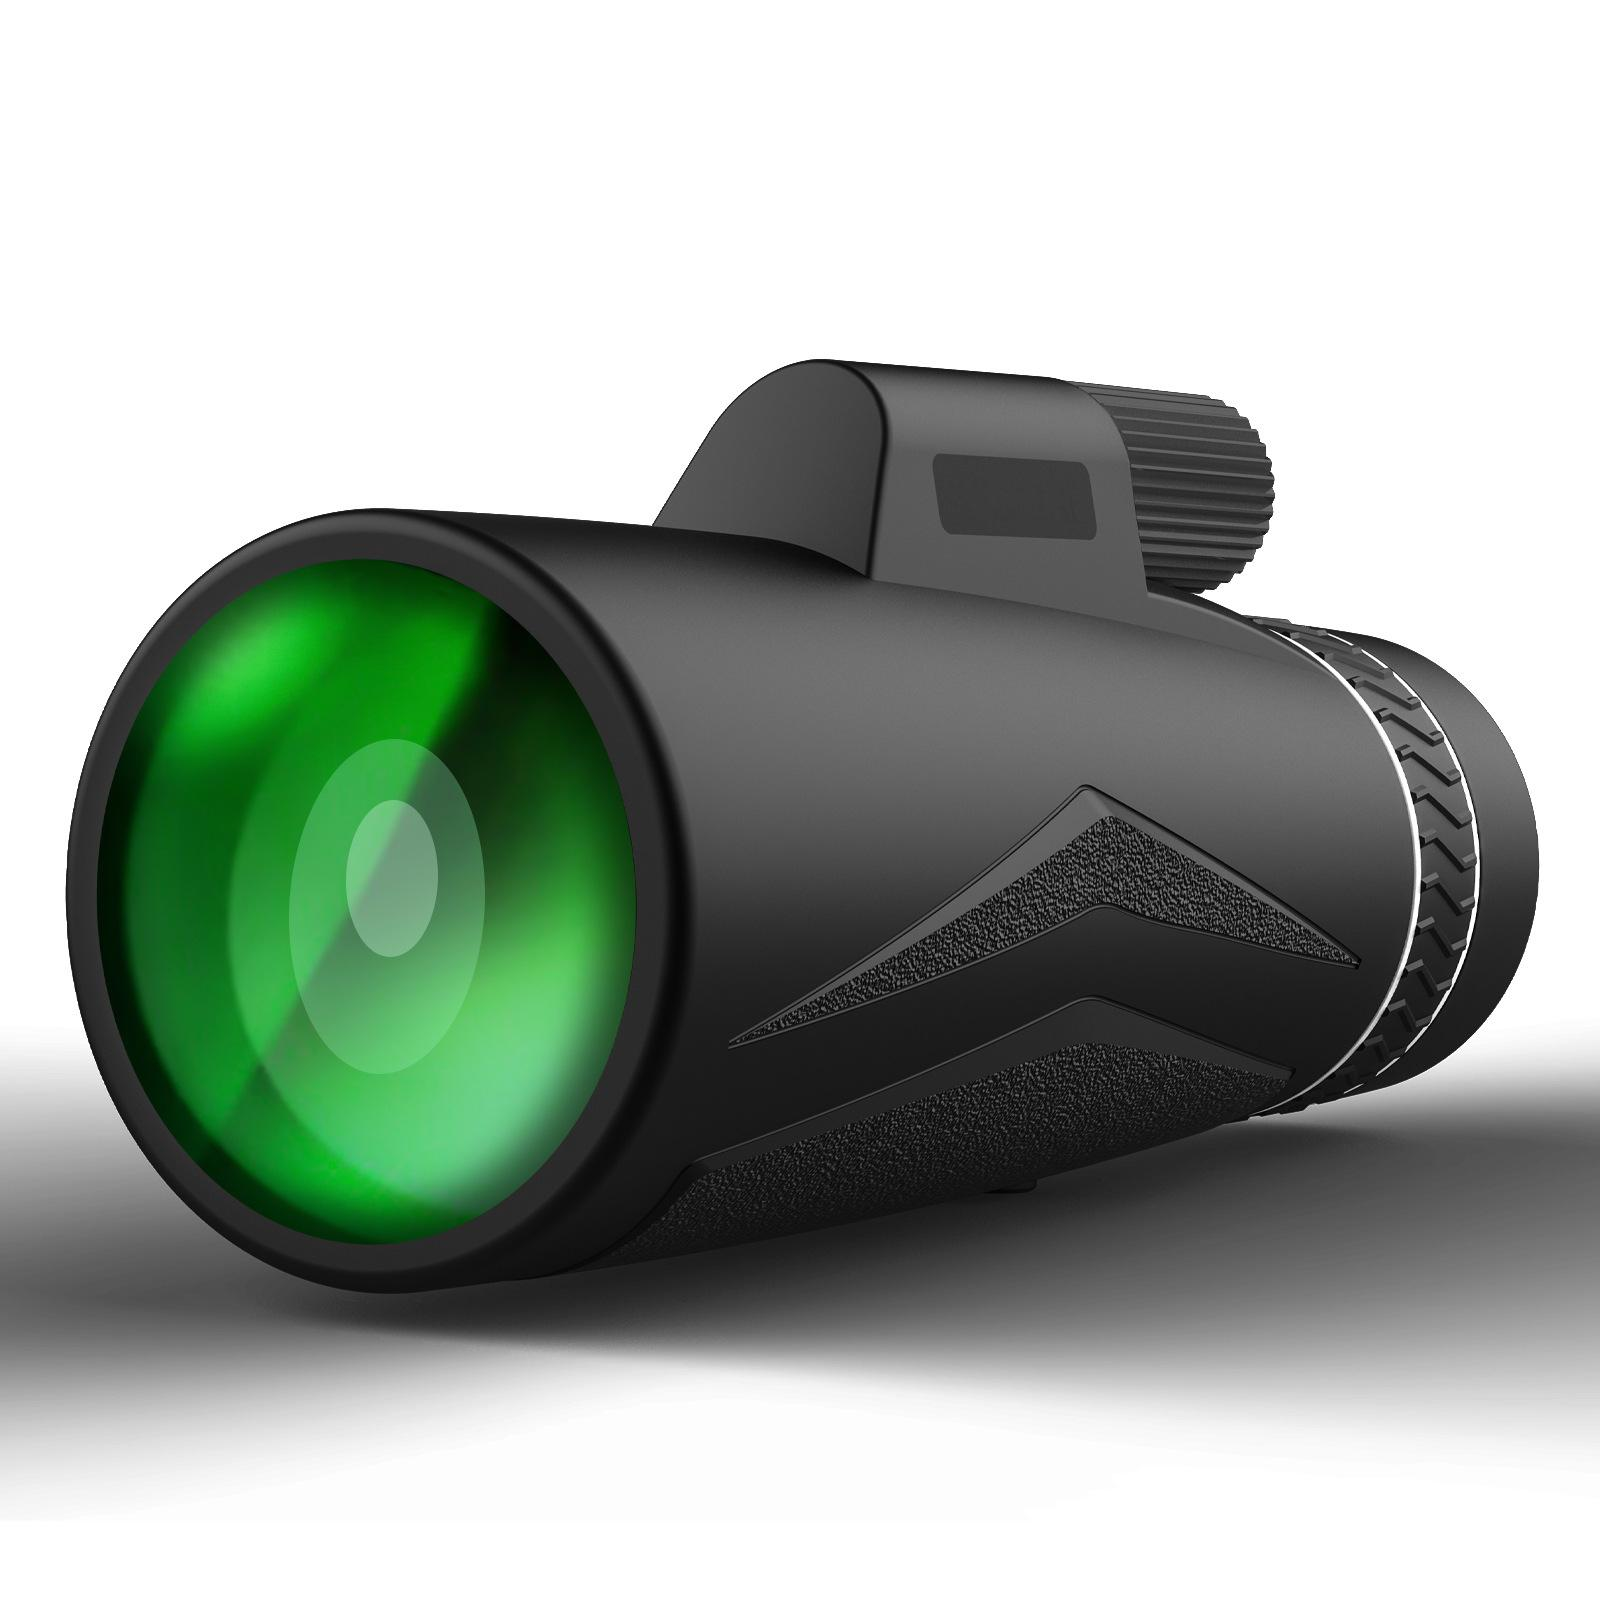 SunCore 12x42 Monocular Portable Noight Vision Teleskop Szerokie Pole Polowanie Ptak Oglądanie zakresu podróży Połącz obiektyw telefonu